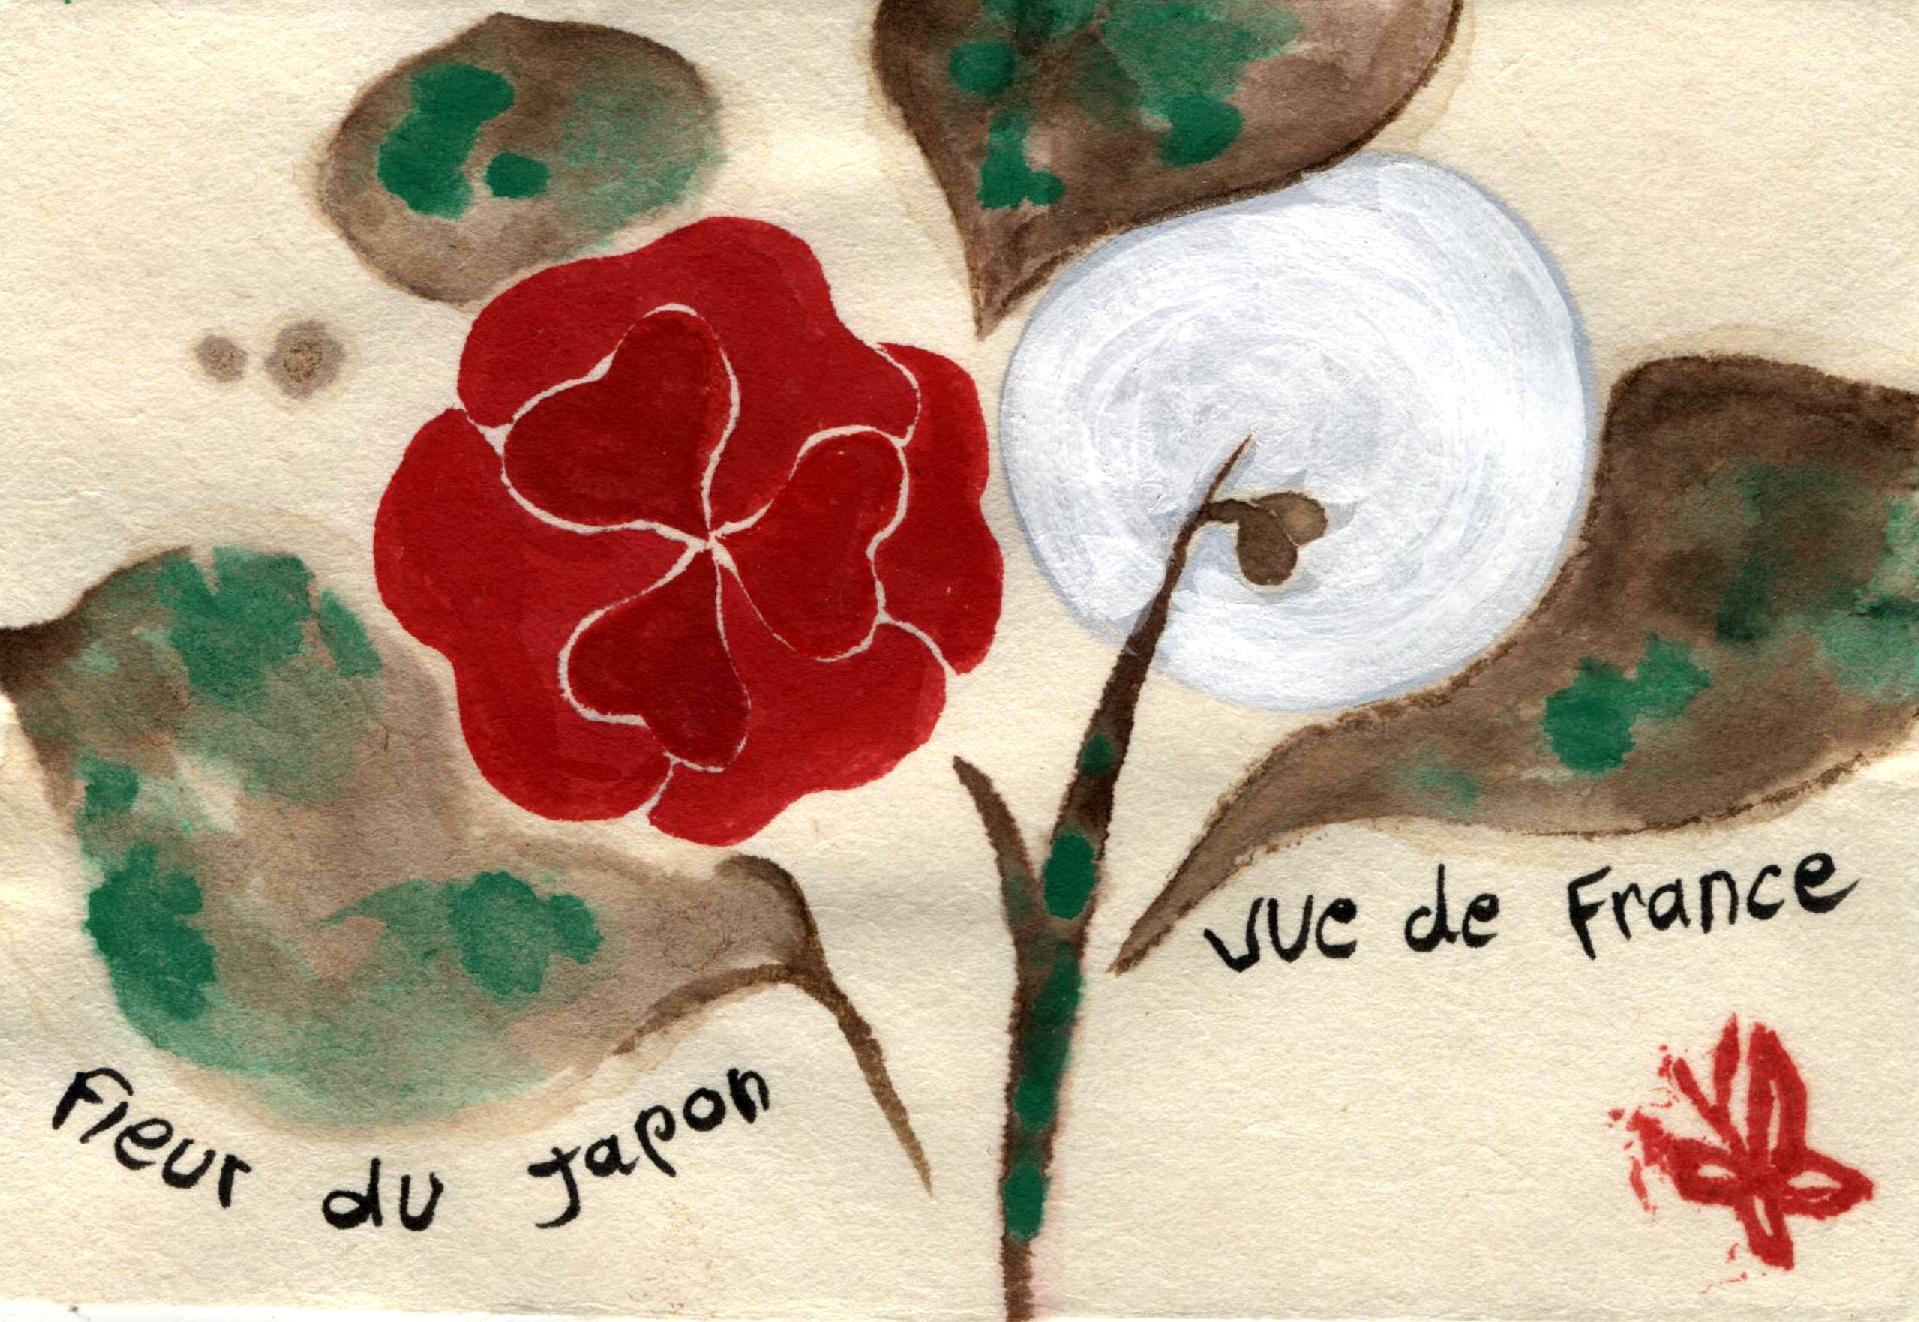 Fleur du Japon